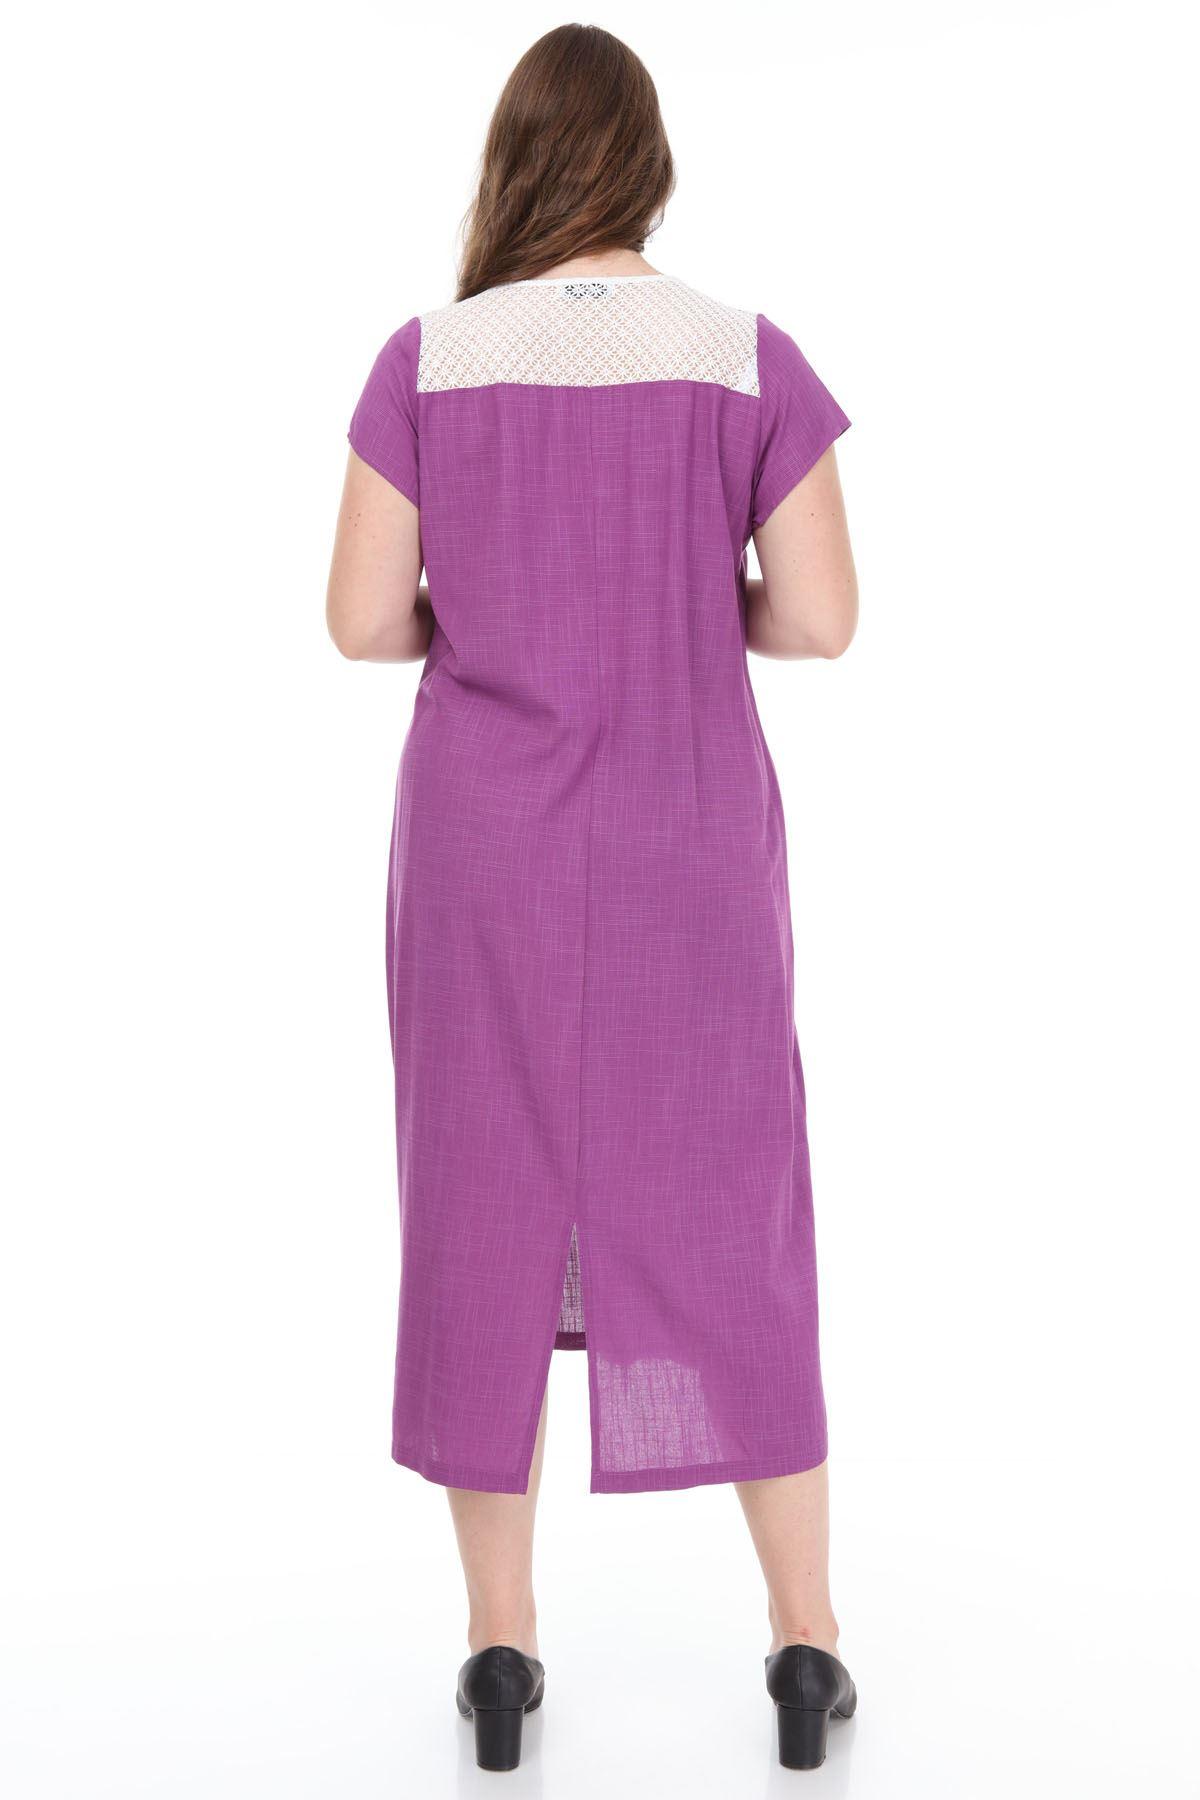 Mor Yazlık Elbise F1-1141